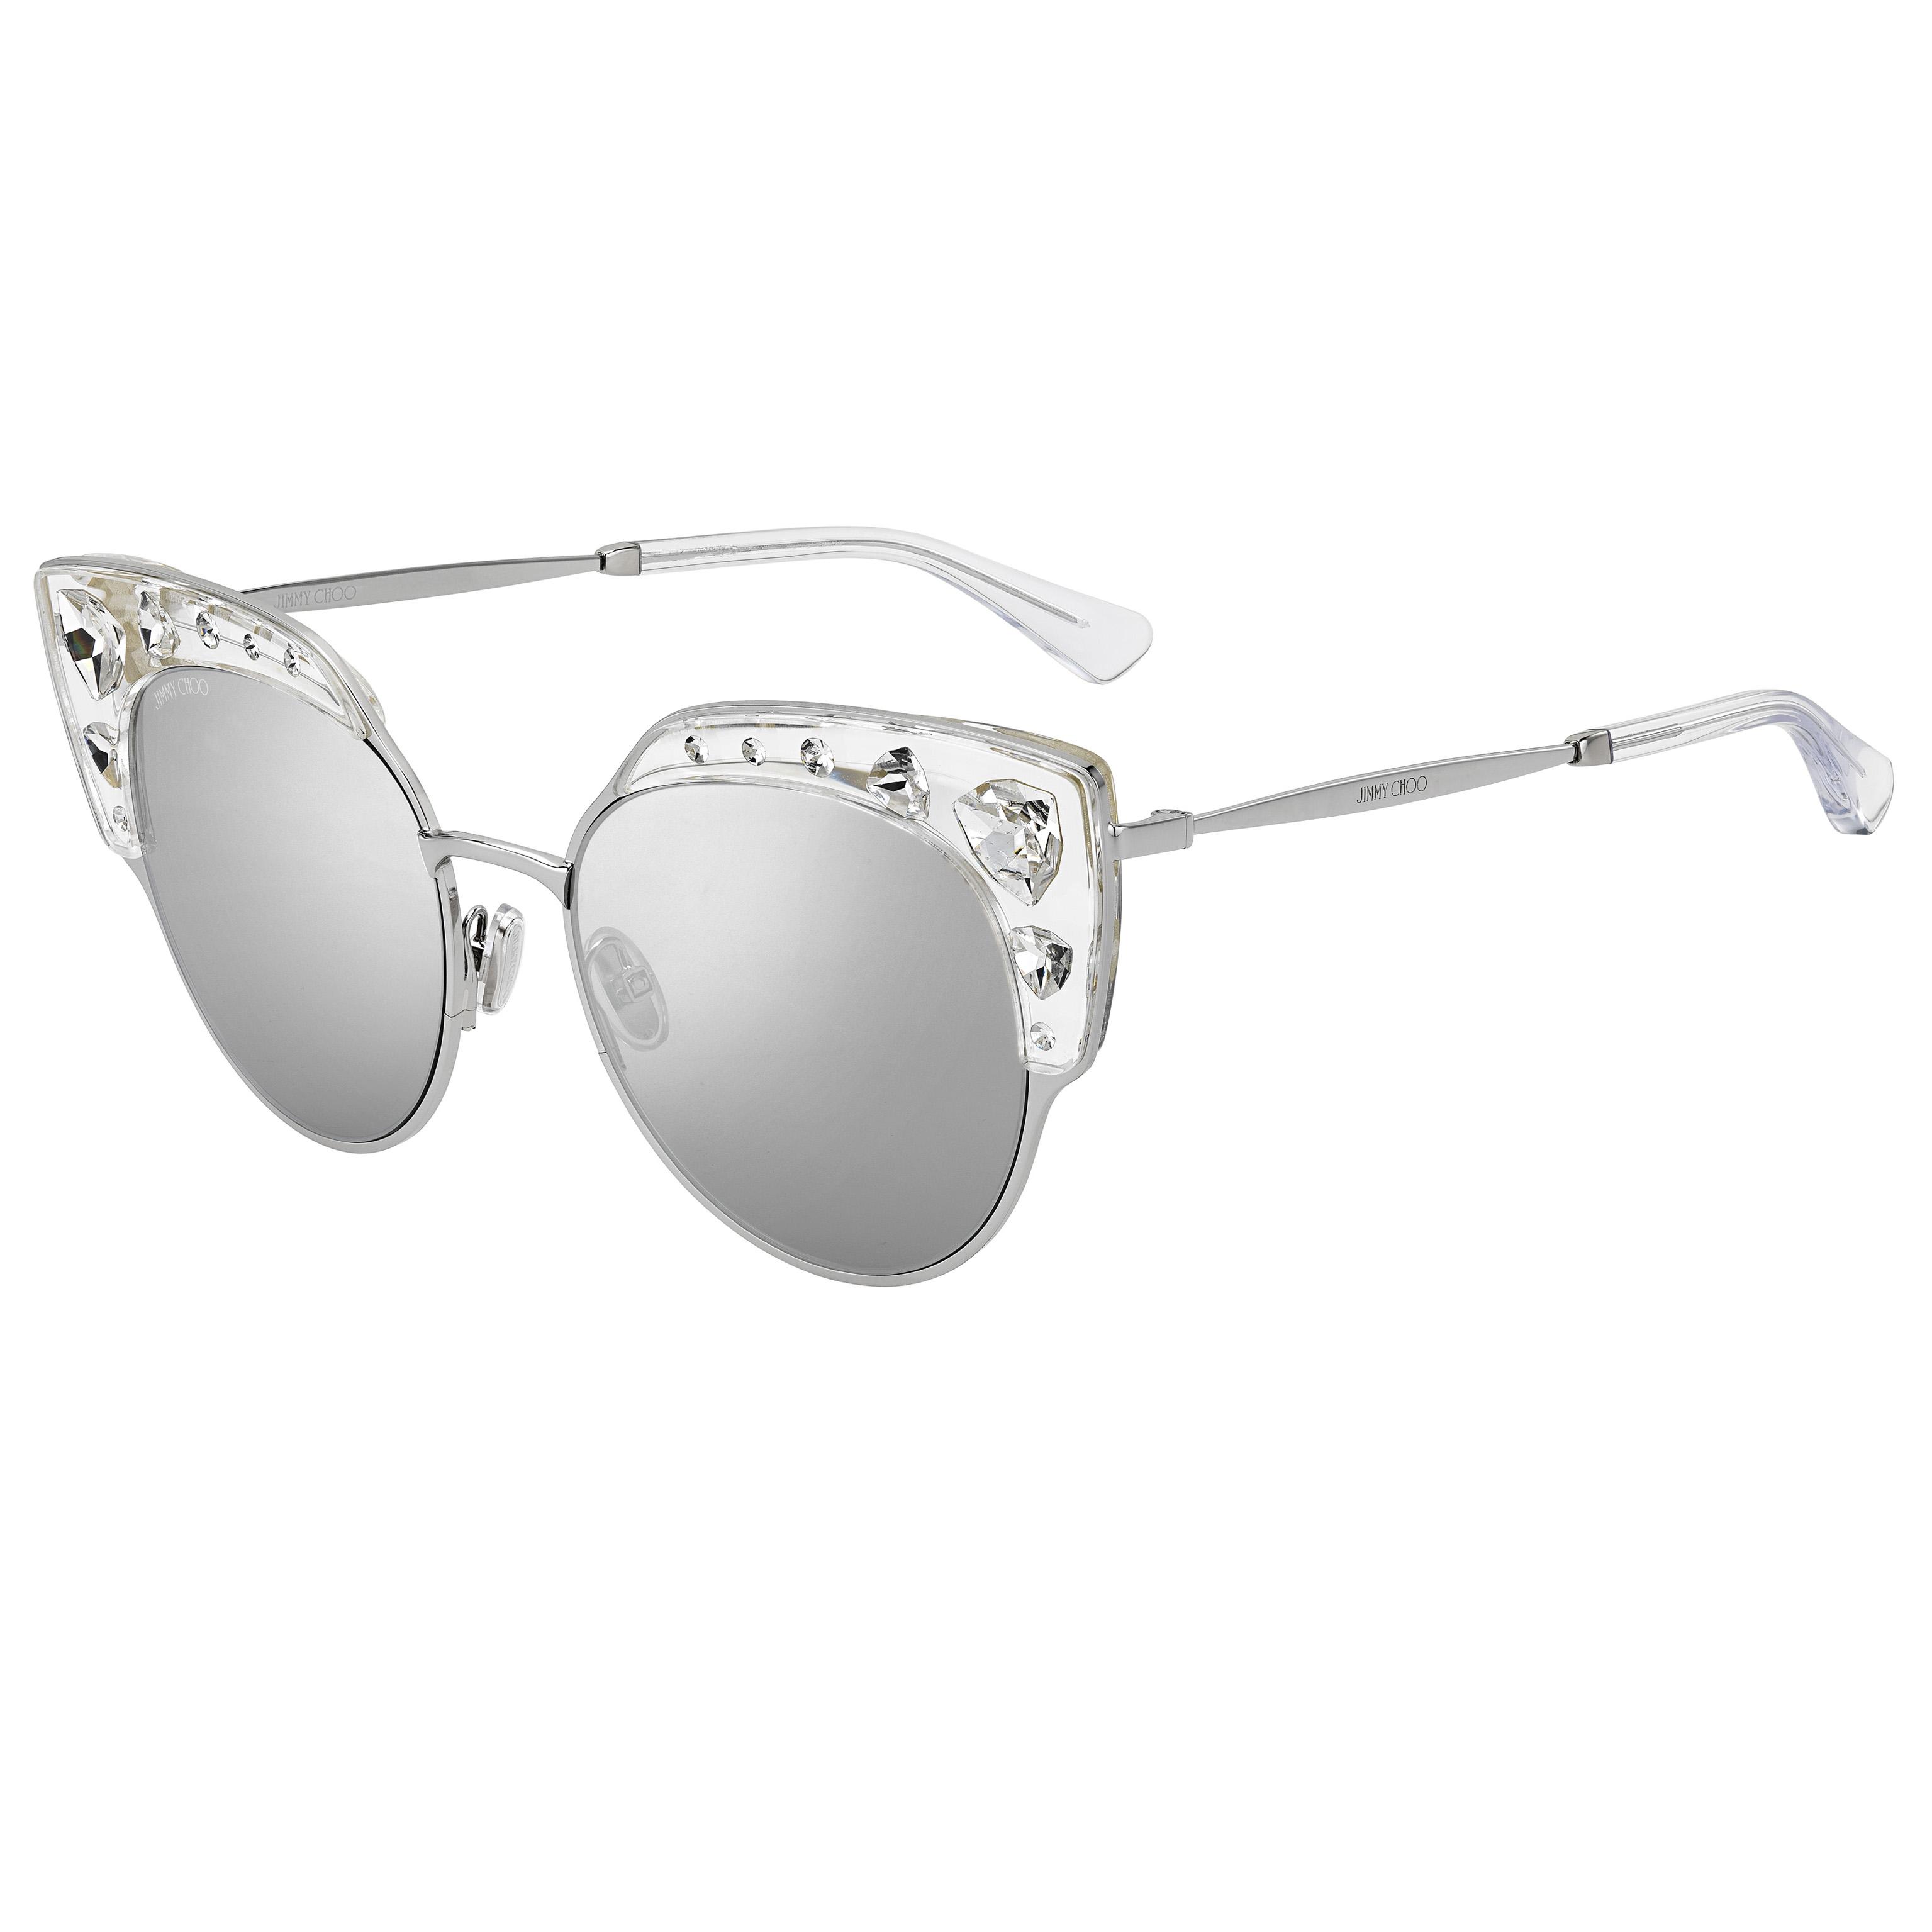 9d4d39eaacb170 Shop Jimmy Choo Audrey zonnebrillen - Optiek Lammerant Deinze